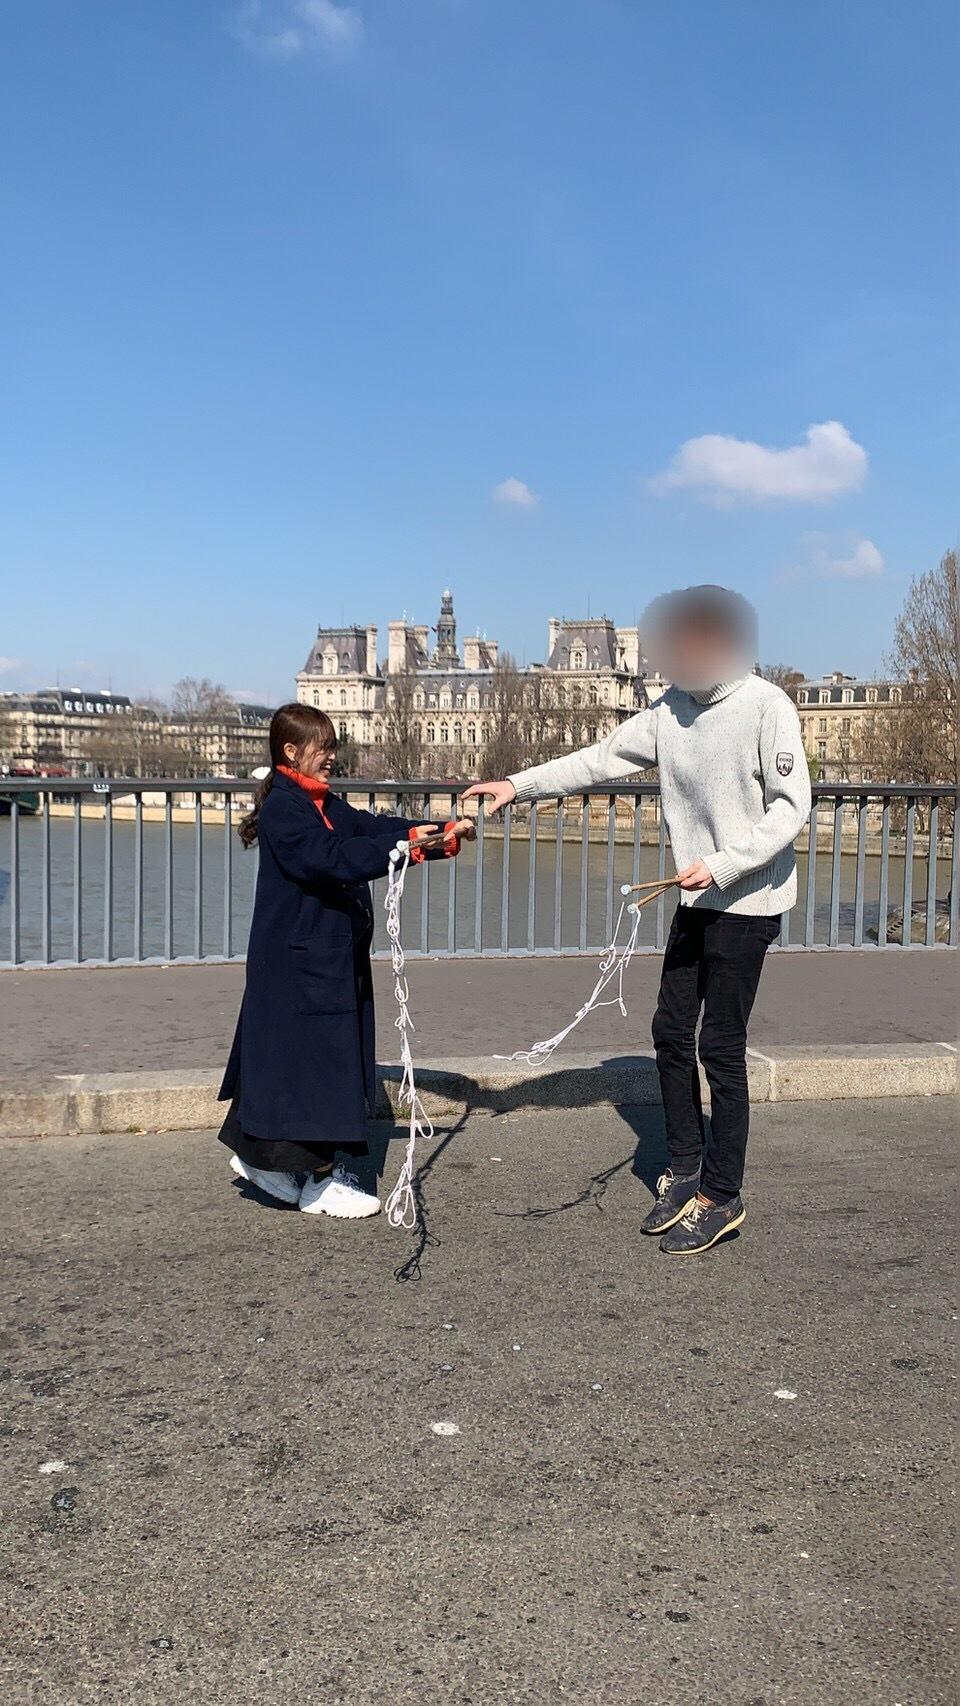 これからフランス旅行を考えている人に見て欲しいブログ①〜フランスこんな国でした〜_1_4-2